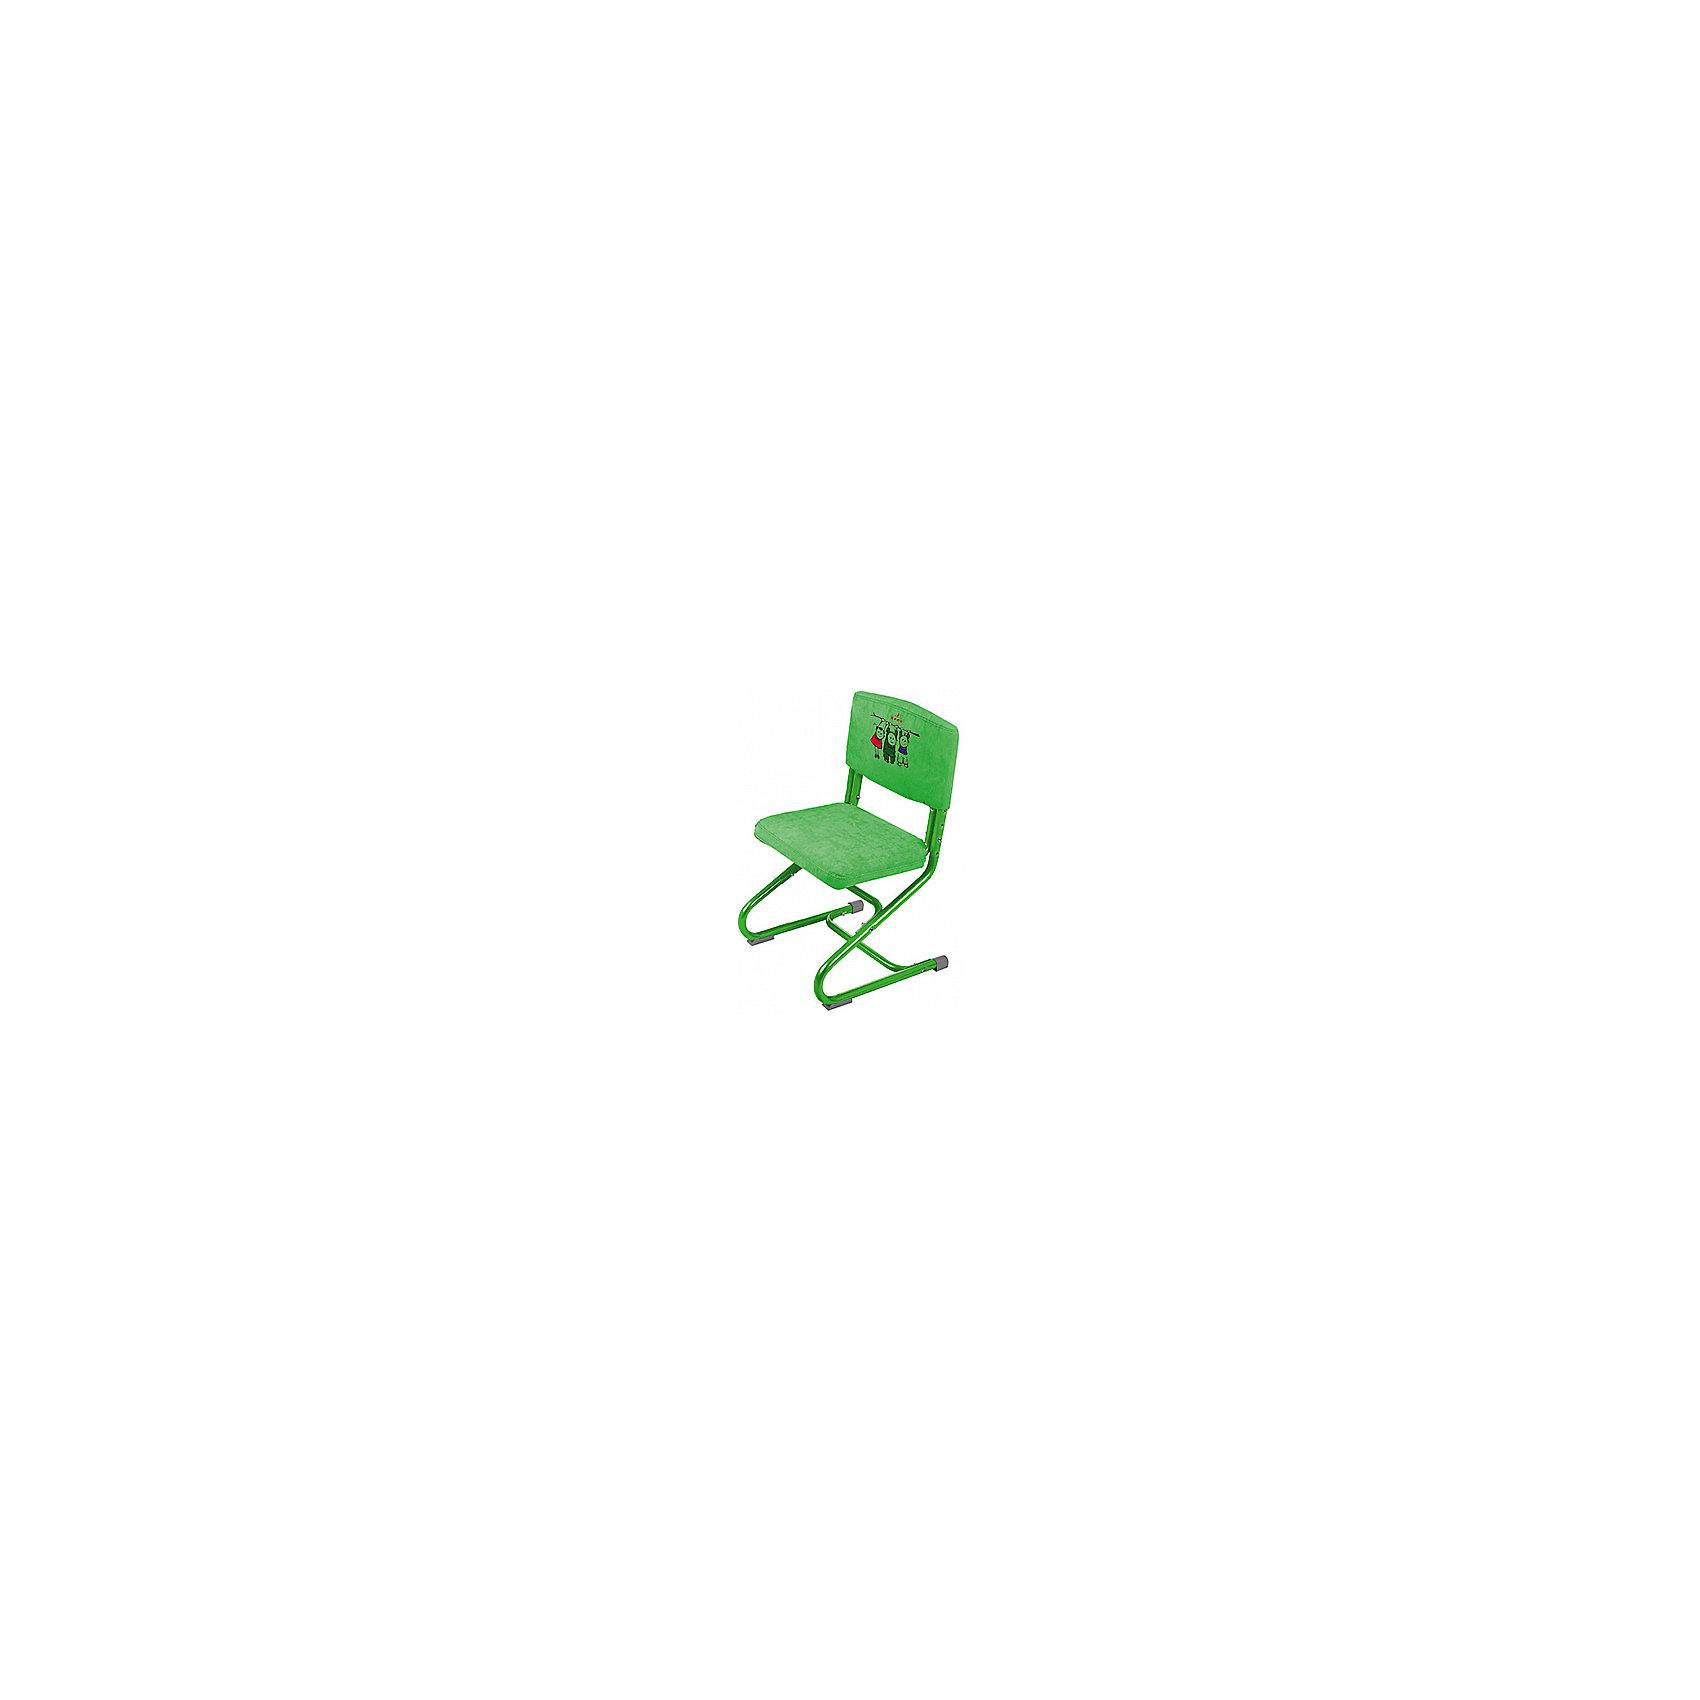 Чехол замша СУТ.01.040-01, Дэми, зеленыйЧехол замша СУТ.01.040-01, Дэми, зеленый – красота и удобства слились воедино.<br>Данная модель чехла выполнена из замши, которая не только приятная на ощупь, но и достаточно прочная. Такую ткань можно стирать в машинке, он не теряет внешний вид от стирки и долгой службы. Чехол скрывает болты на спинке и сидении, тем самым делая стул еще удобнее и симпатичнее. Его легко снимать, однако он совершенно не скользит и не спадает со стула.<br><br>Дополнительная информация: <br><br>Размер: 500х390х50 мм<br>Вес: 360 гр<br>Материал: замша<br>Цвет: зеленый<br><br>Чехол замша СУТ.01.040-01, Дэми, зеленый можно купить в нашем интернет магазине.<br><br>Ширина мм: 500<br>Глубина мм: 390<br>Высота мм: 50<br>Вес г: 360<br>Возраст от месяцев: 48<br>Возраст до месяцев: 1188<br>Пол: Унисекс<br>Возраст: Детский<br>SKU: 4919233